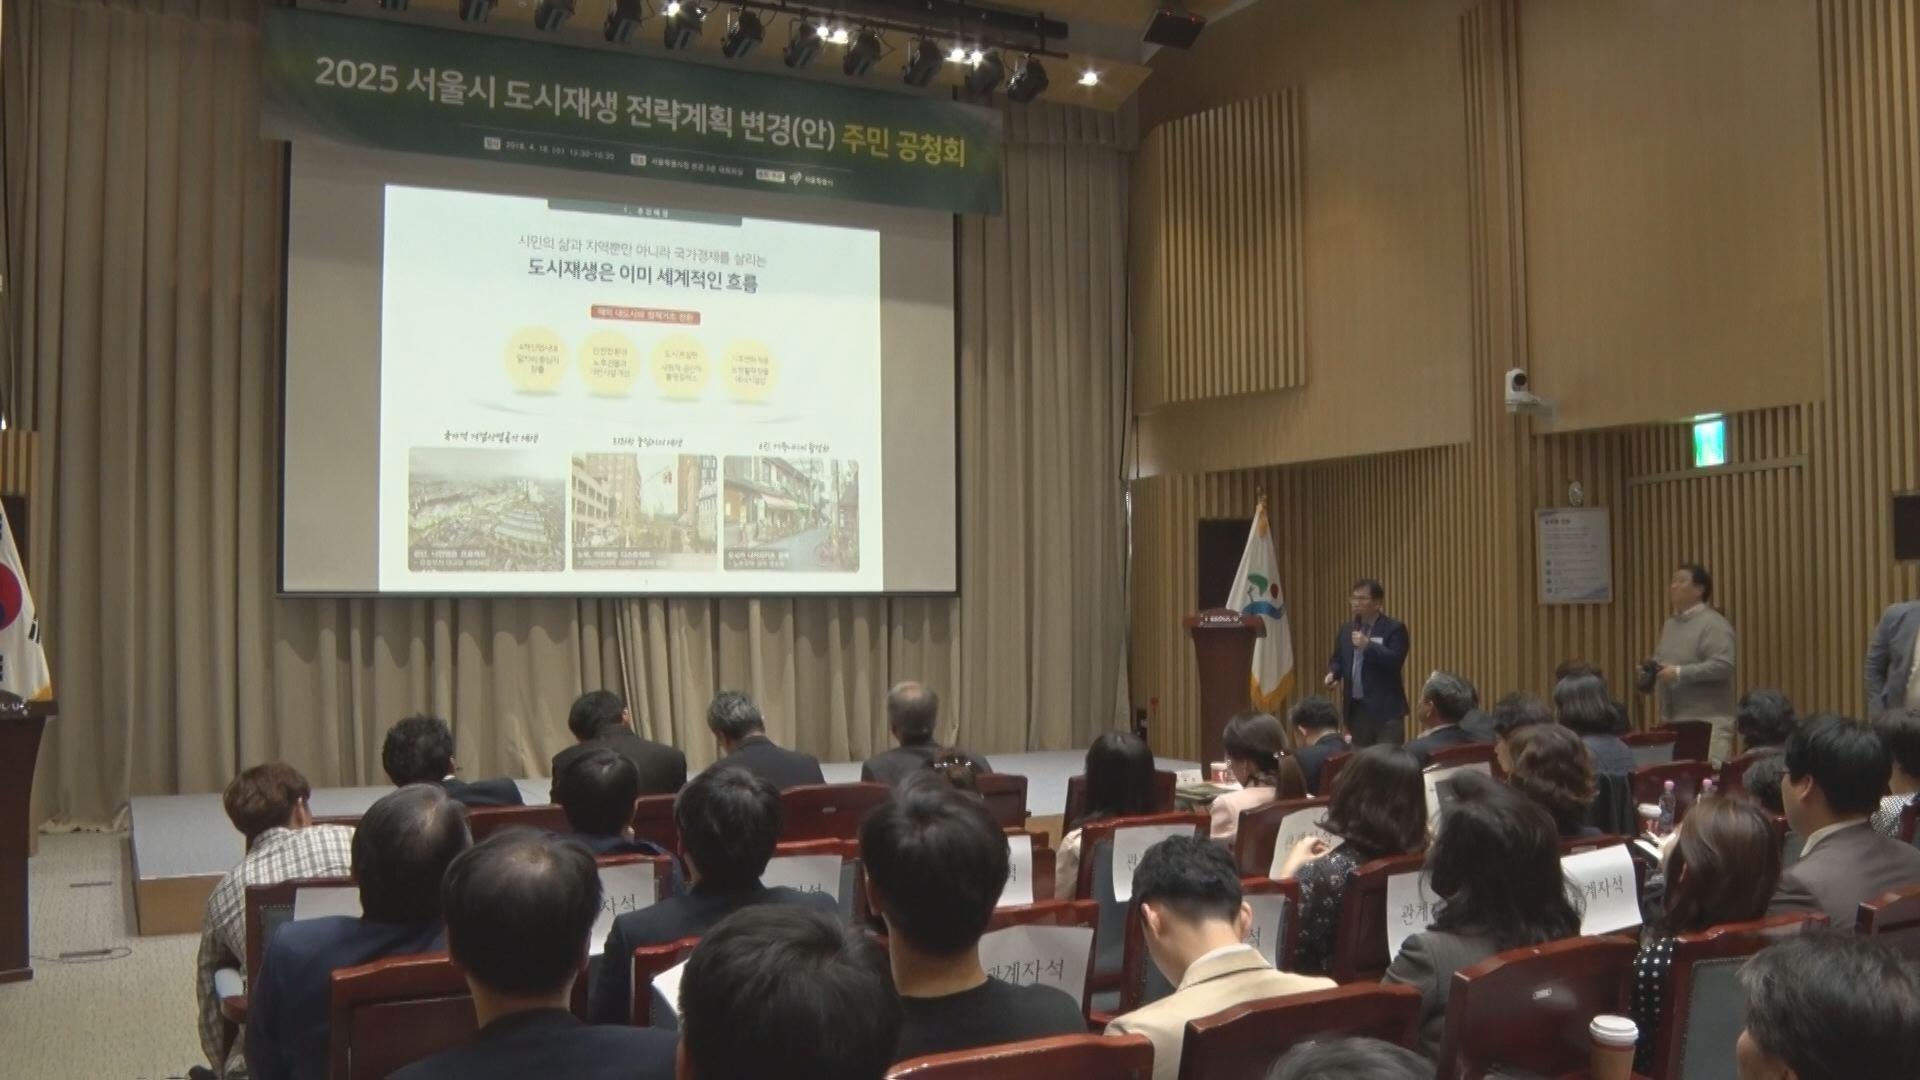 노하우·트렌드 담았다…서울시, '도시재생 전략' 재편